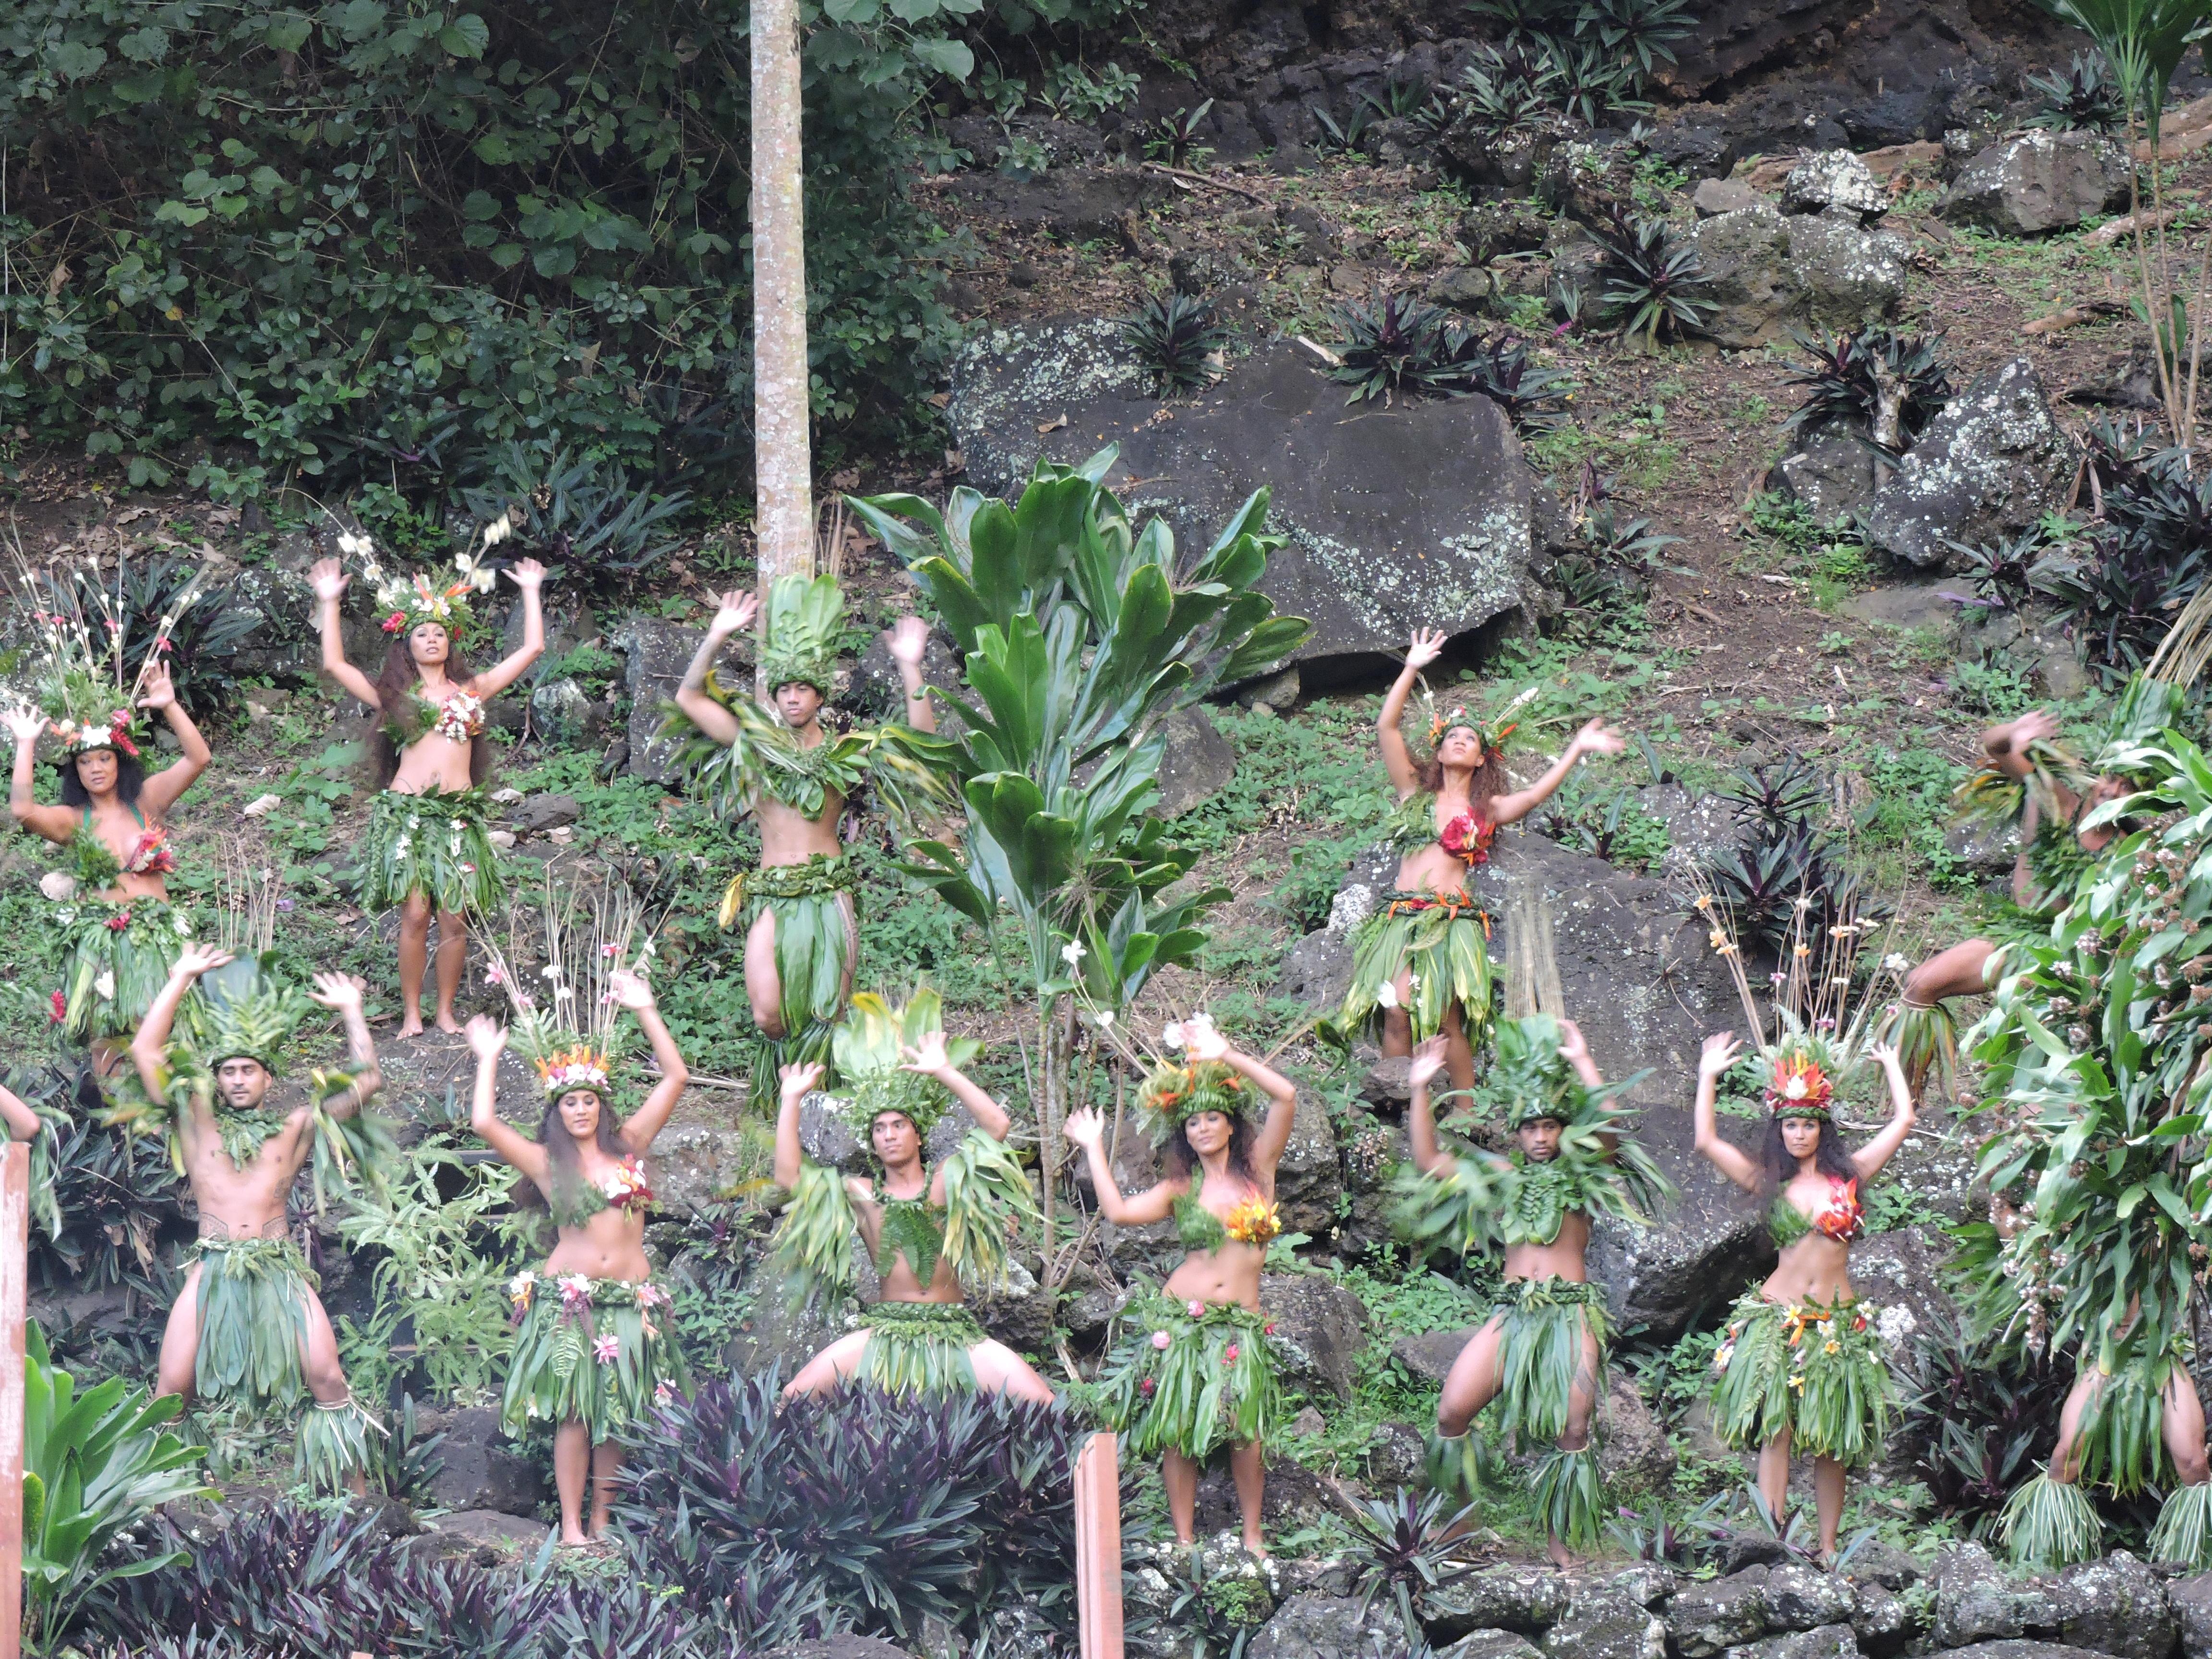 Certaines danses régionales comme le maloya à La Réunion ou le gwoka de Guadeloupe ont été inscrites au patrimoine culturel immatériel de l'humanité.